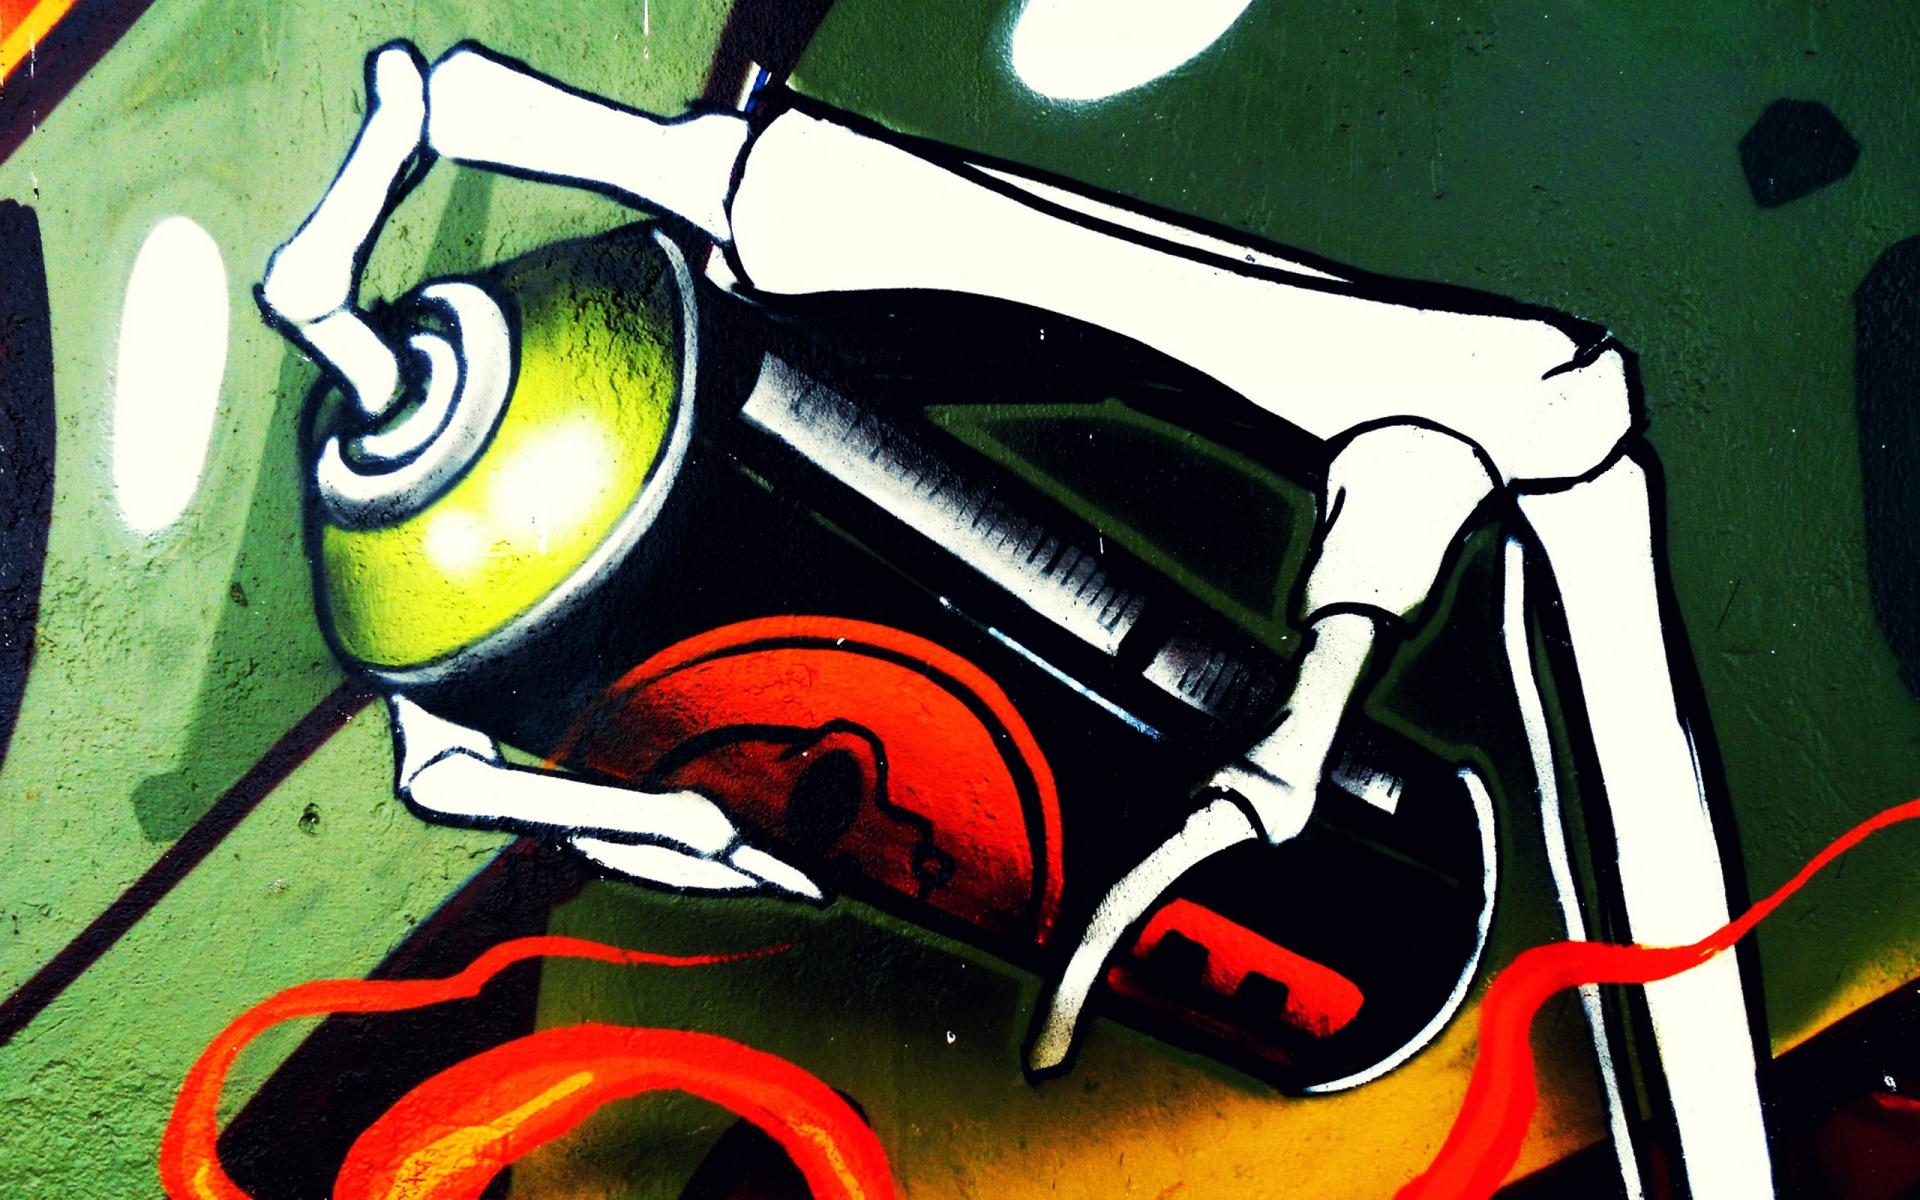 43 Free Graffiti Wallpapers For Desktop On Wallpapersafari